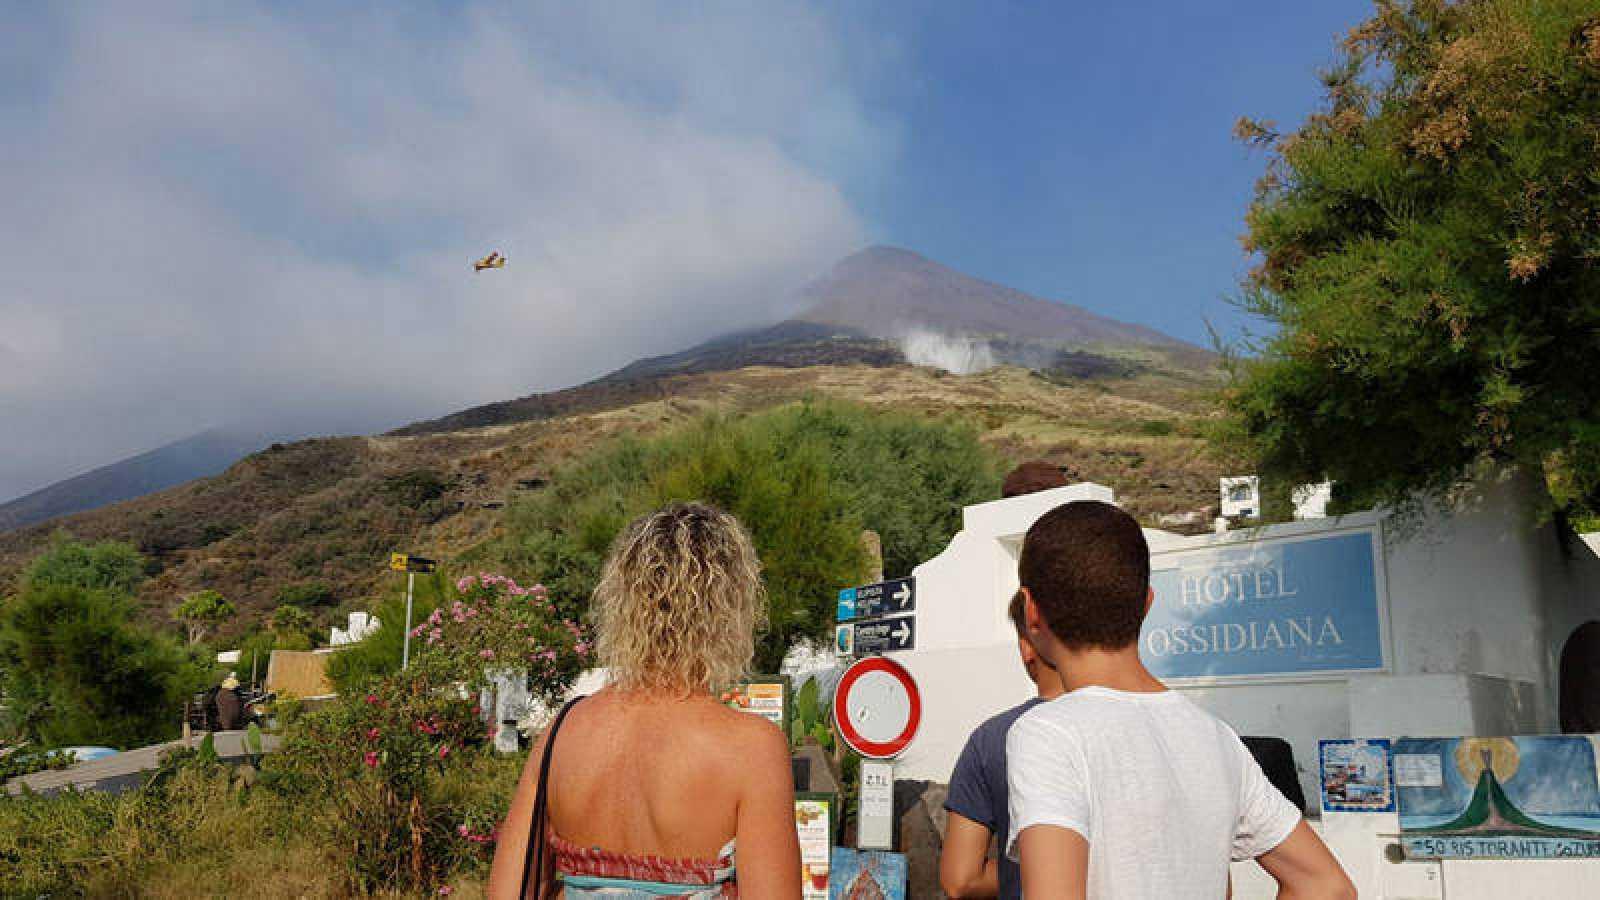 Dos turistas observan la actividad del volcán Estrómboli, un día después de la erupción